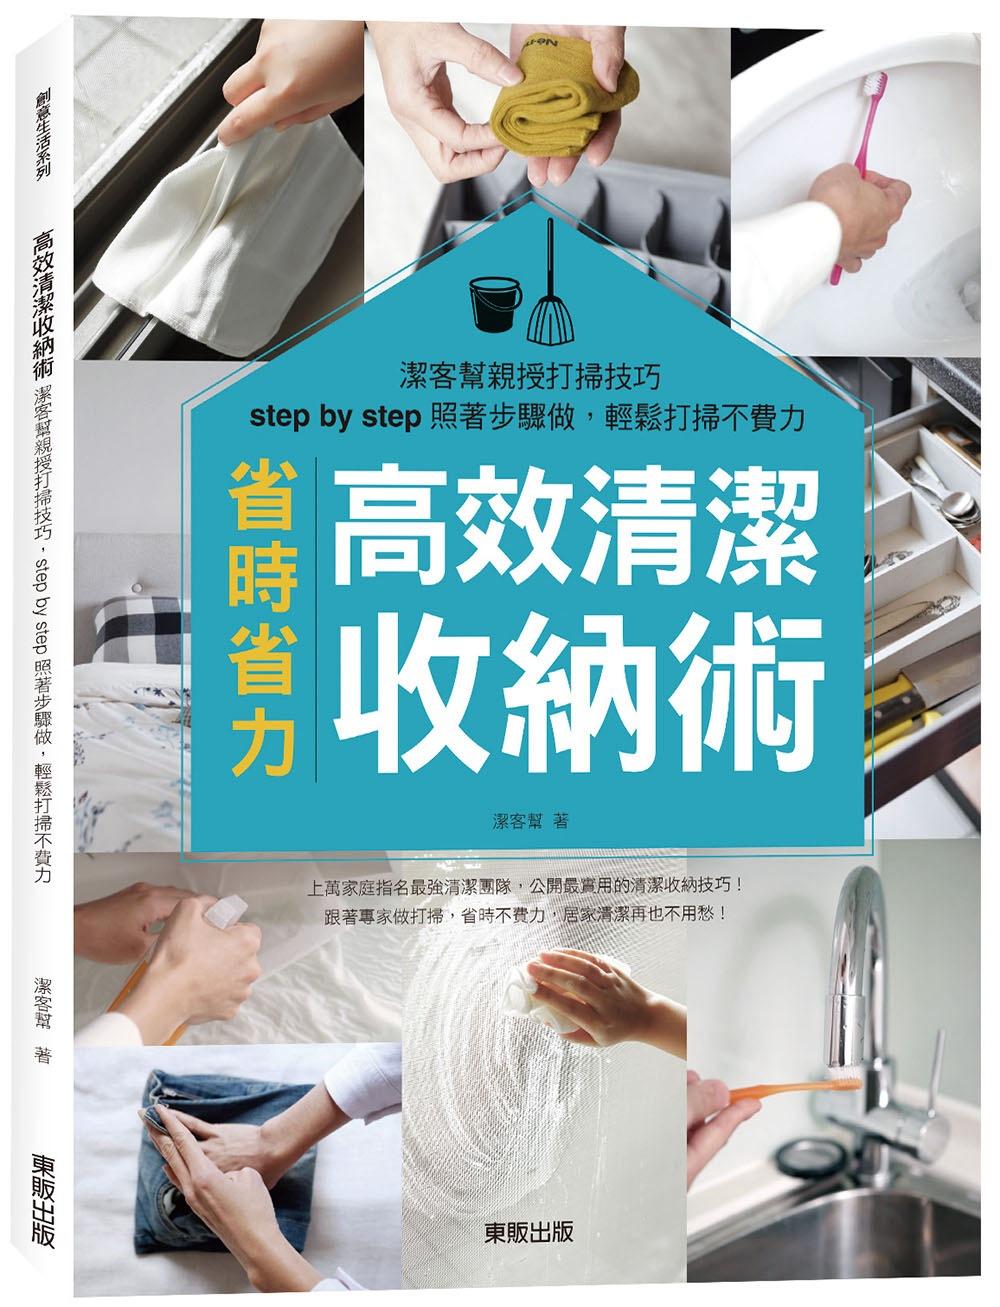 高效清潔收納術:潔客幫親授打掃技巧,step by step照著步驟做,輕鬆打掃不費力